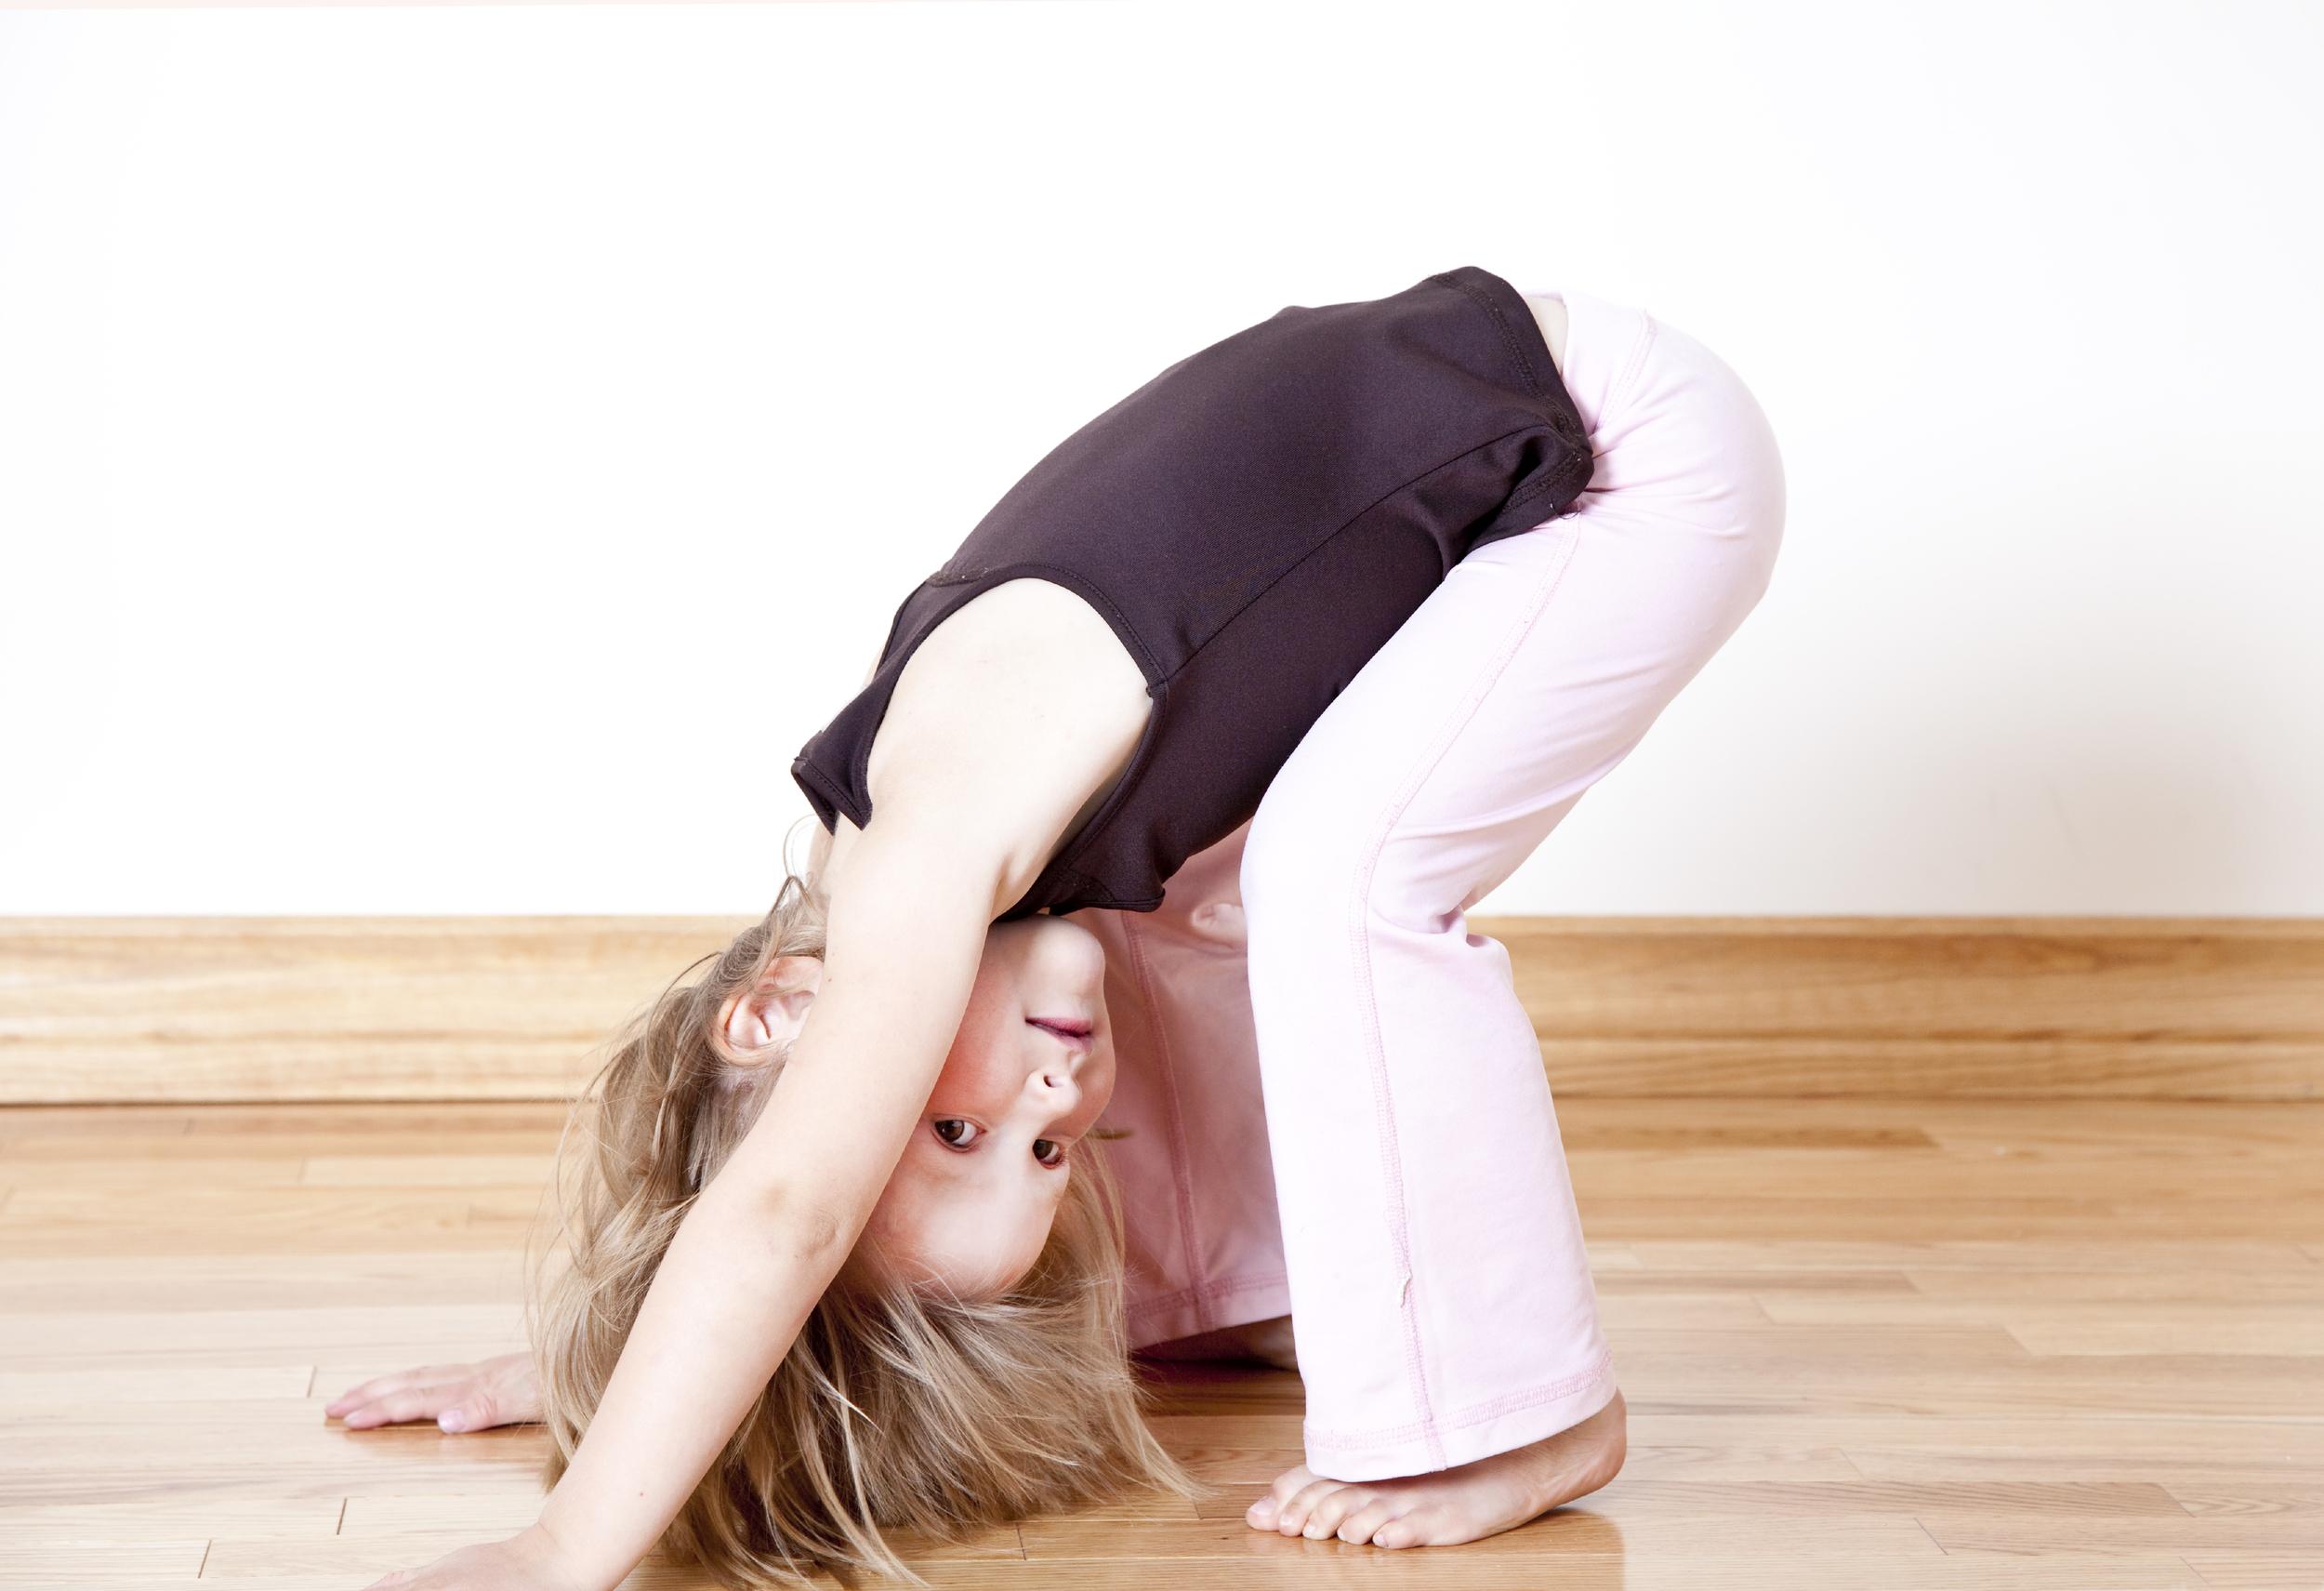 Body, mind & spirit play weekday mornings